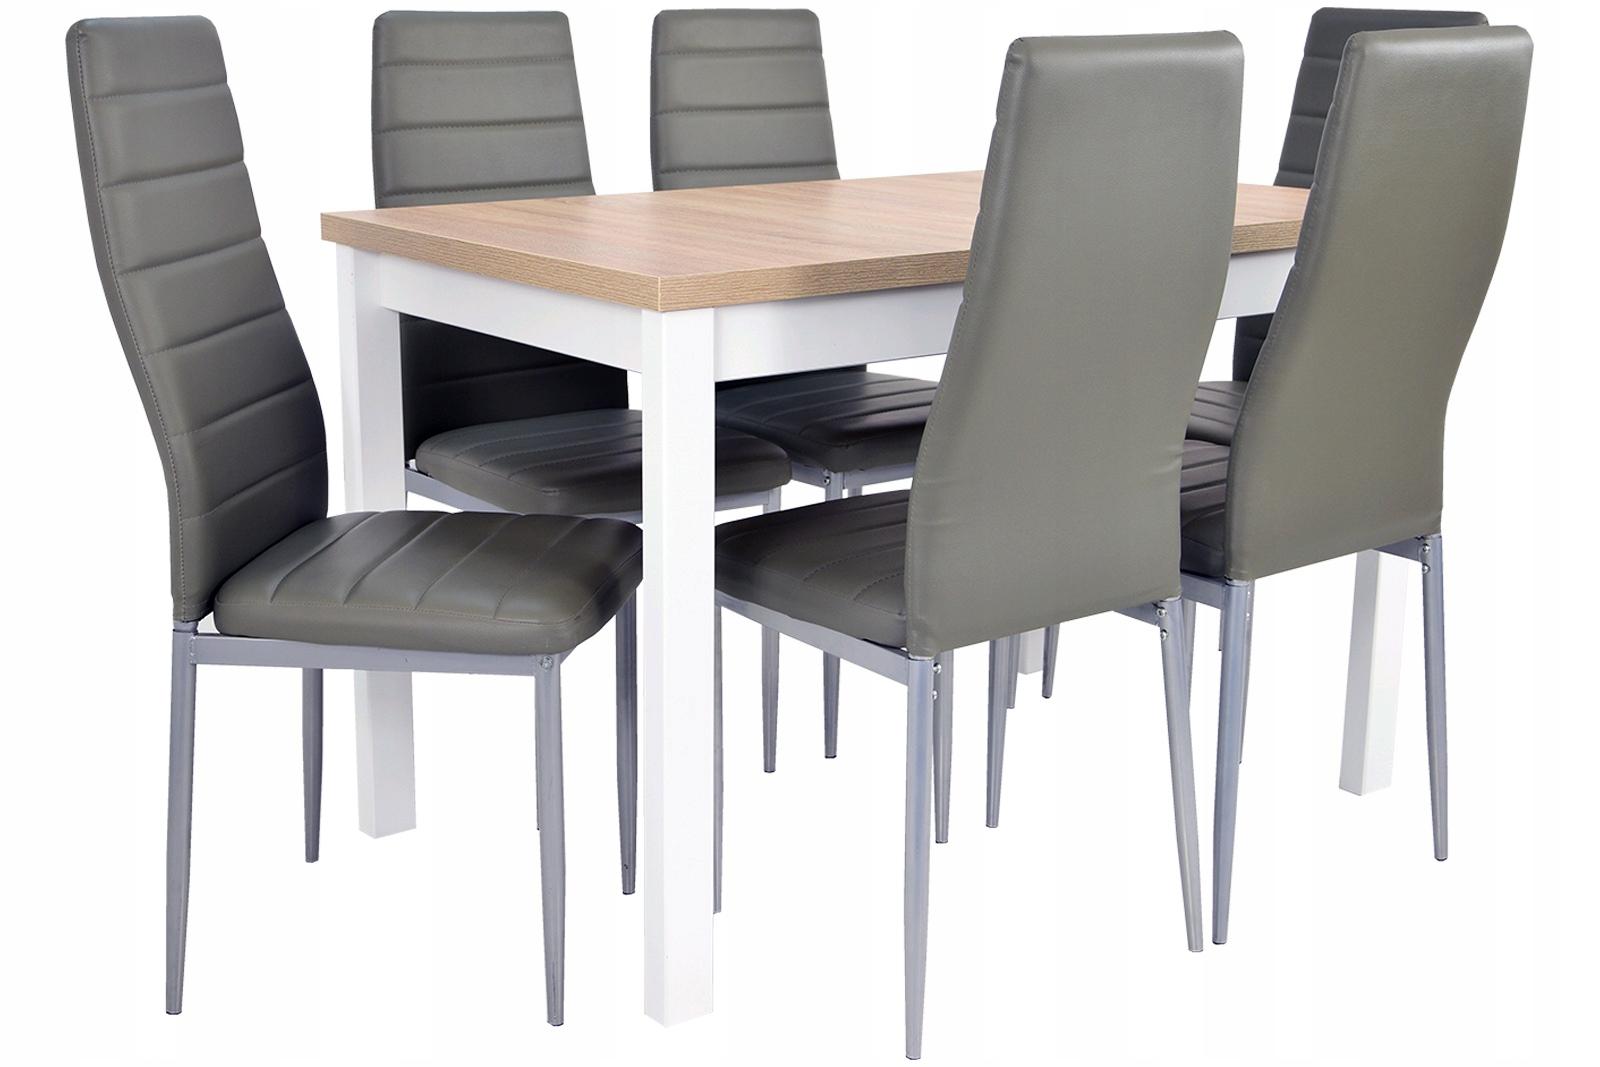 160 skladací stôl + 6 stoličiek v popielu STRANE